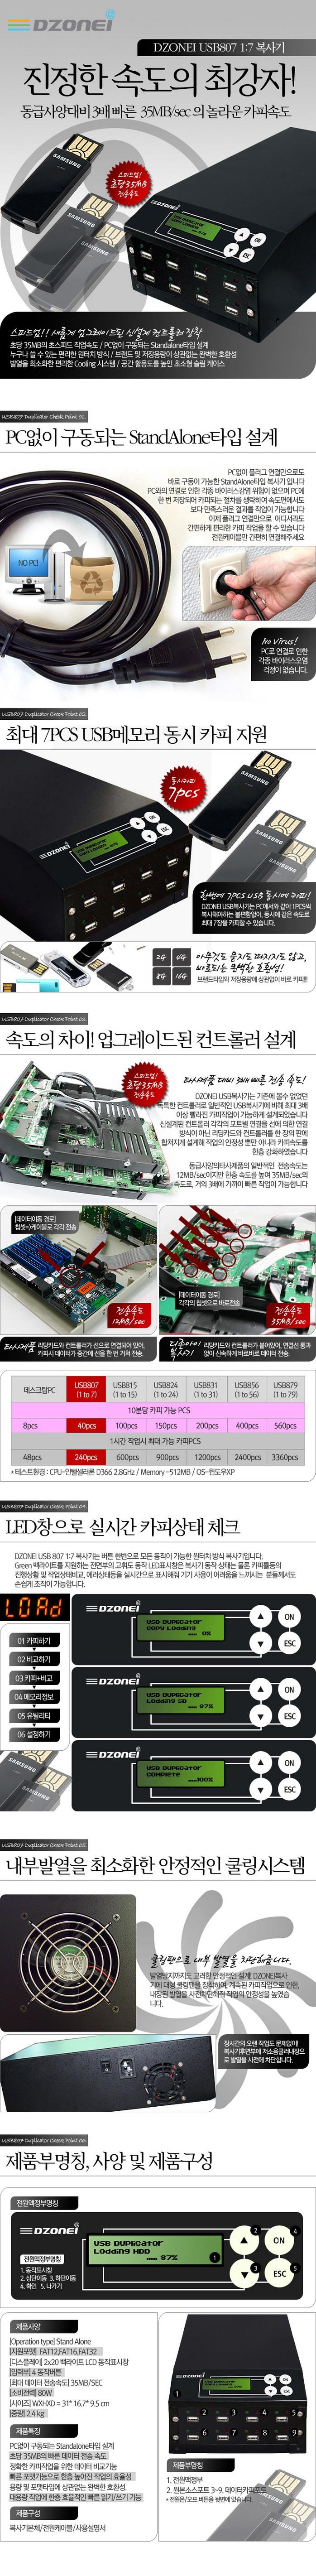 디지털존 DZONEI USB807 1:7 복사기